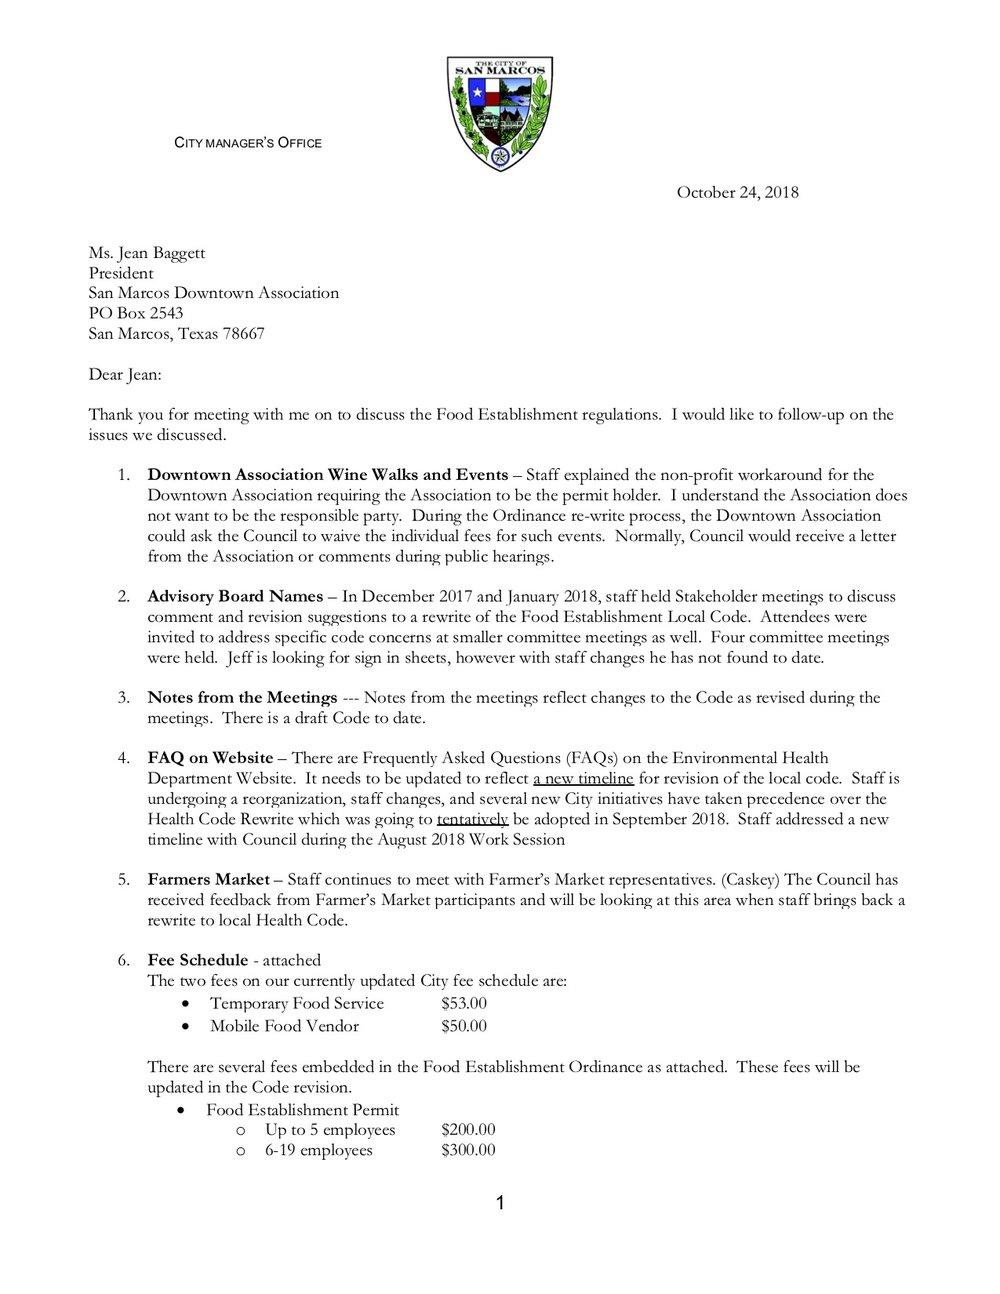 CoSM Letter 1.jpg